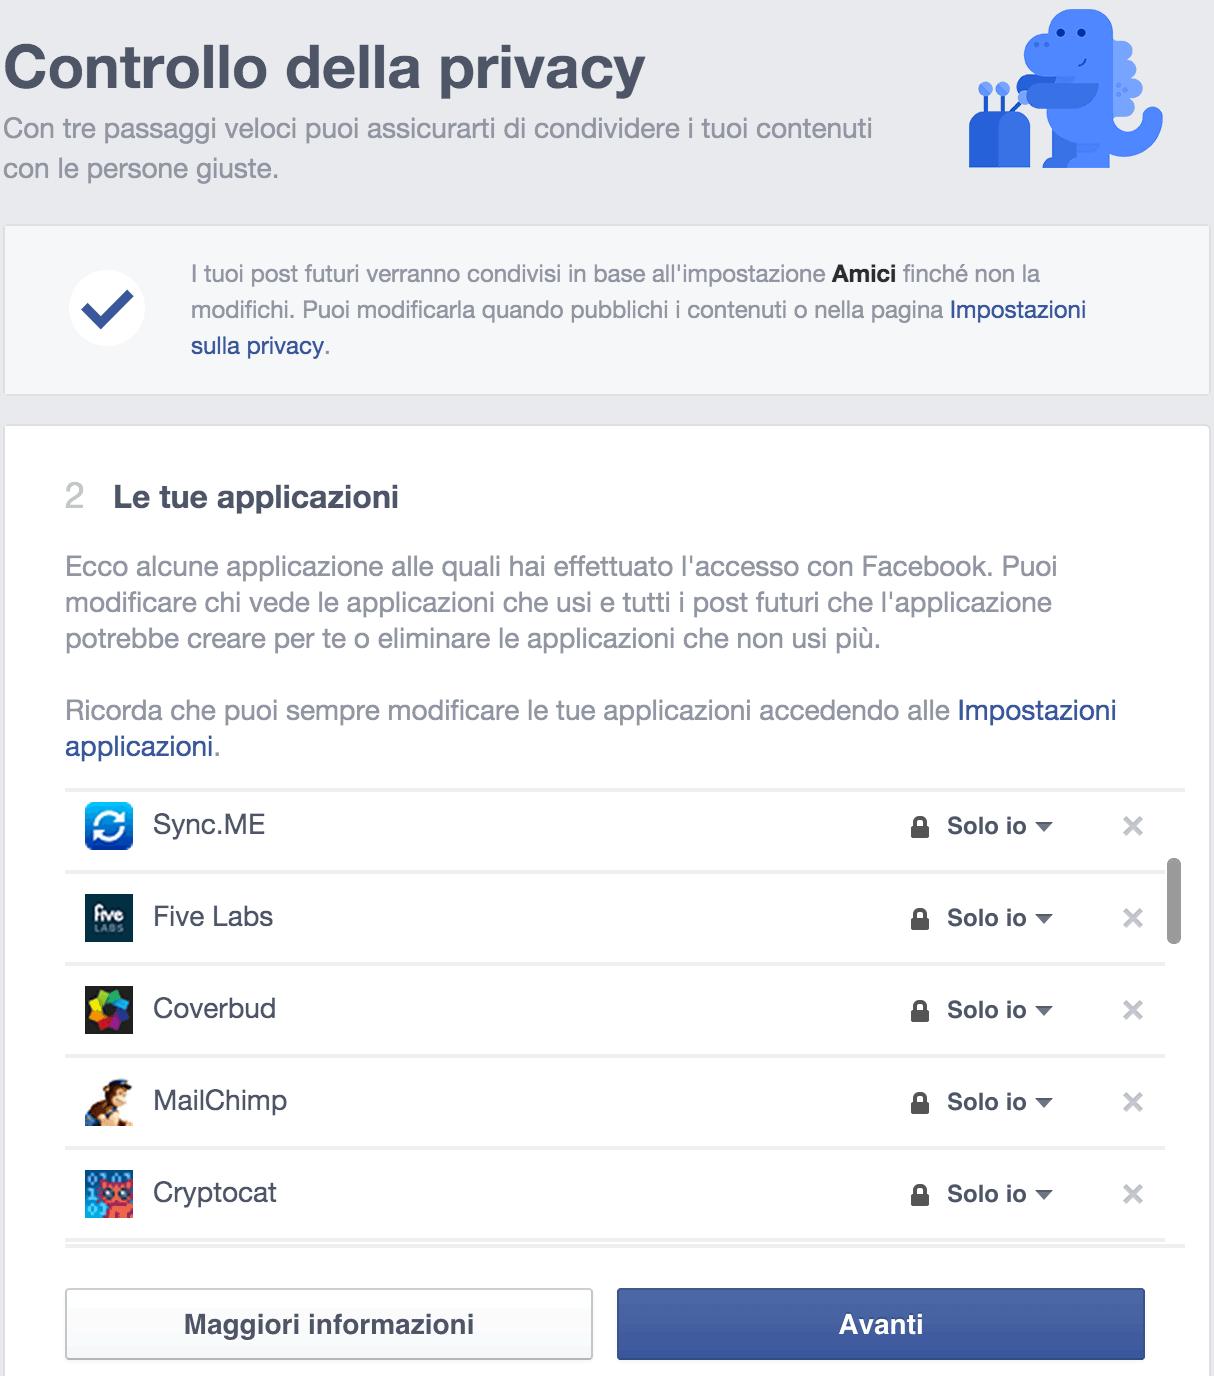 controllo-privacy-applicazioni